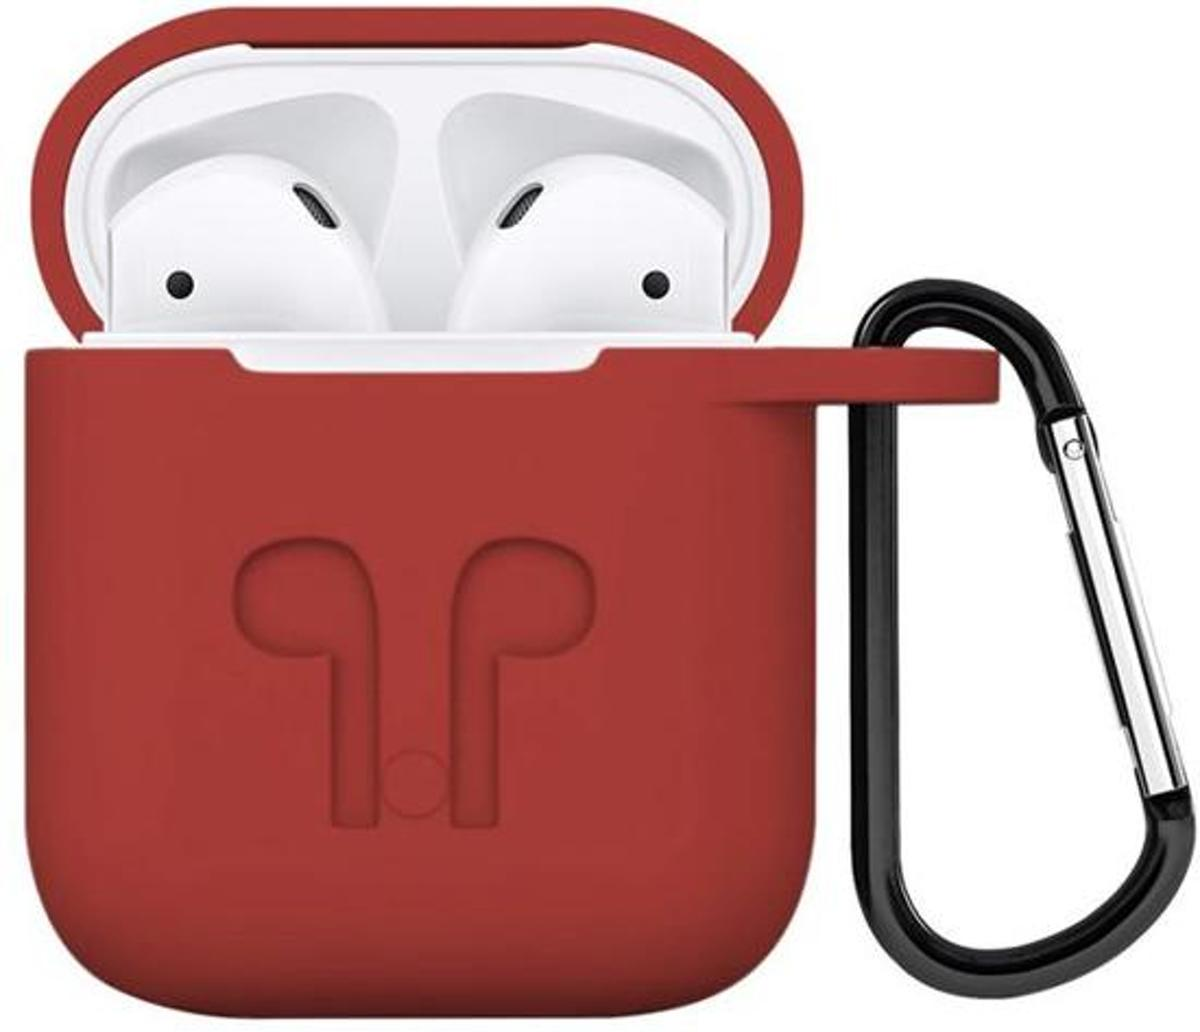 Airpods hoesje - geschikt voor Apple Airpods - Rood kopen